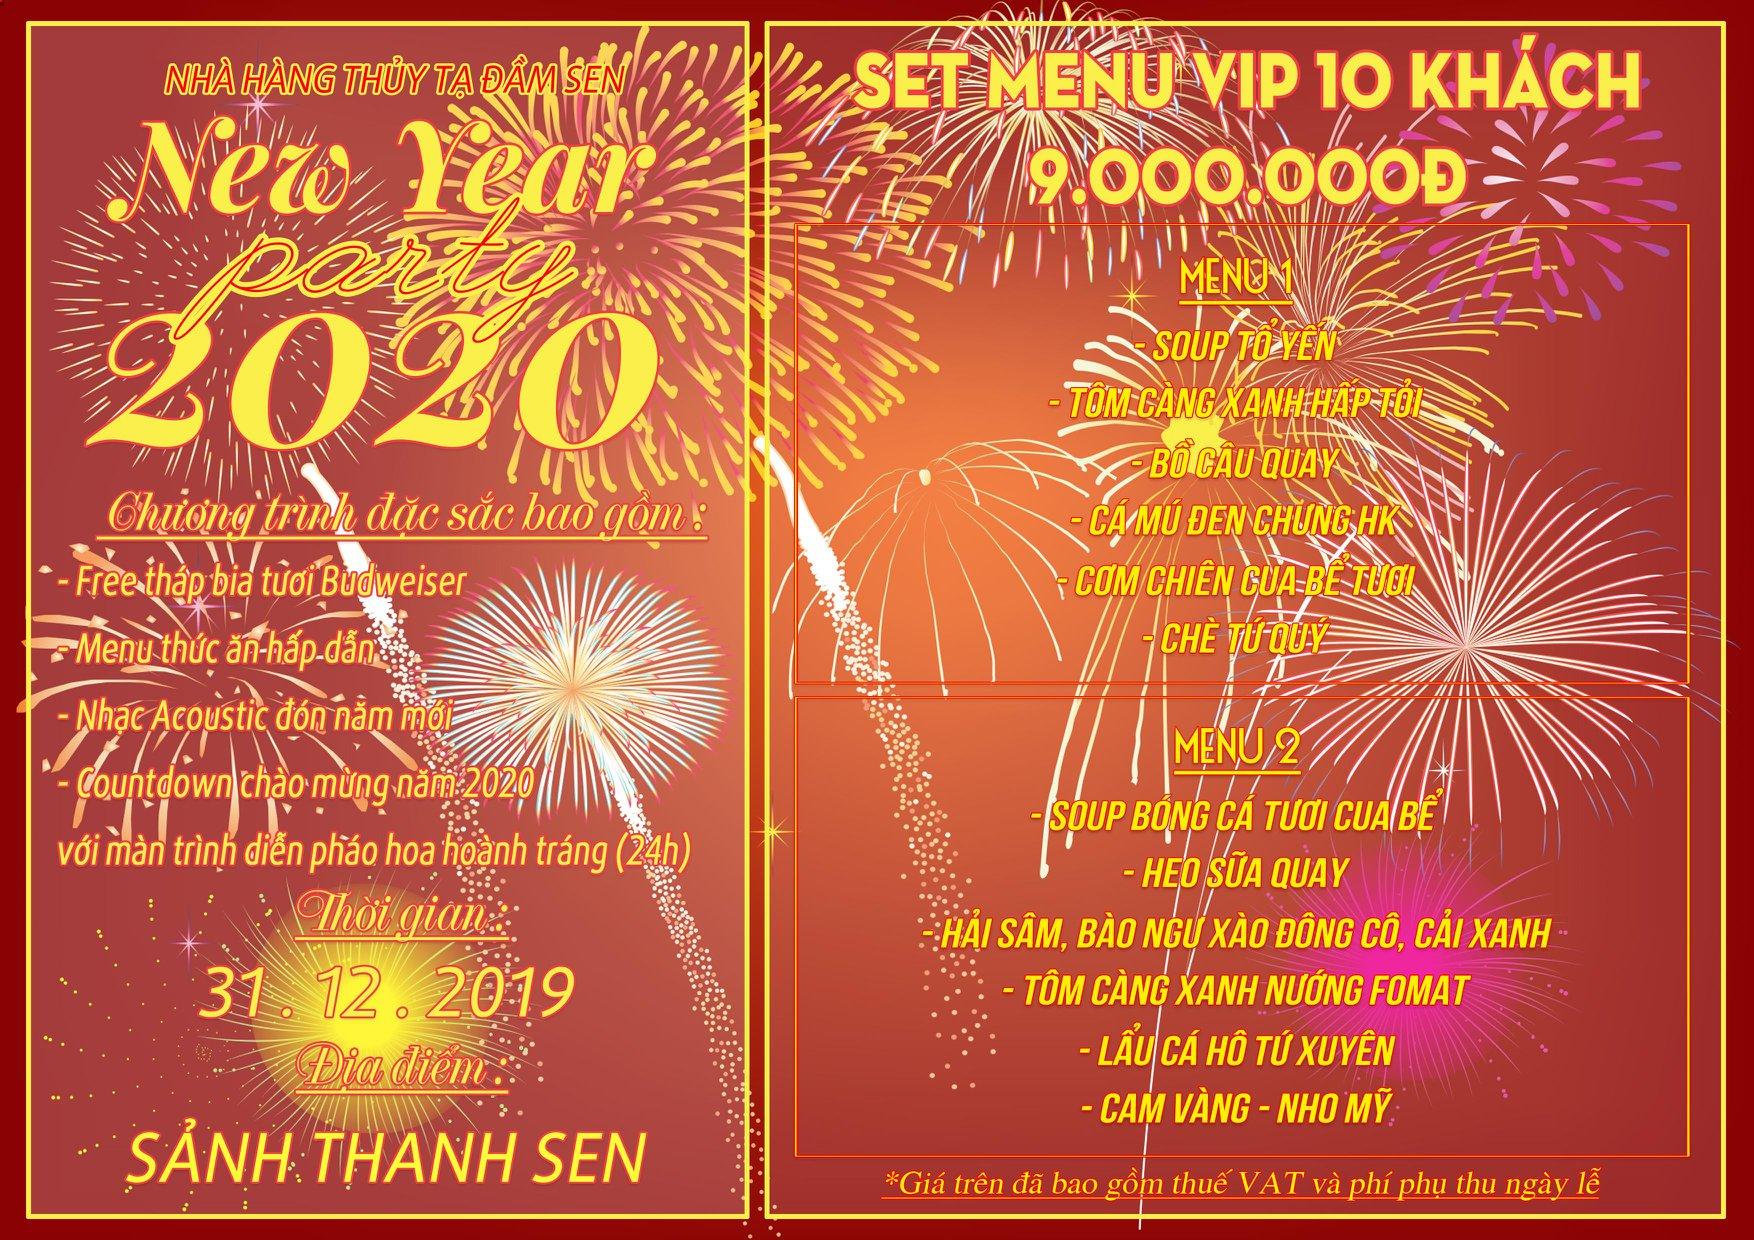 Countdown 2020: Xem pháo hoa tuyệt đẹp từ Thủy Tạ Đầm Sen 7